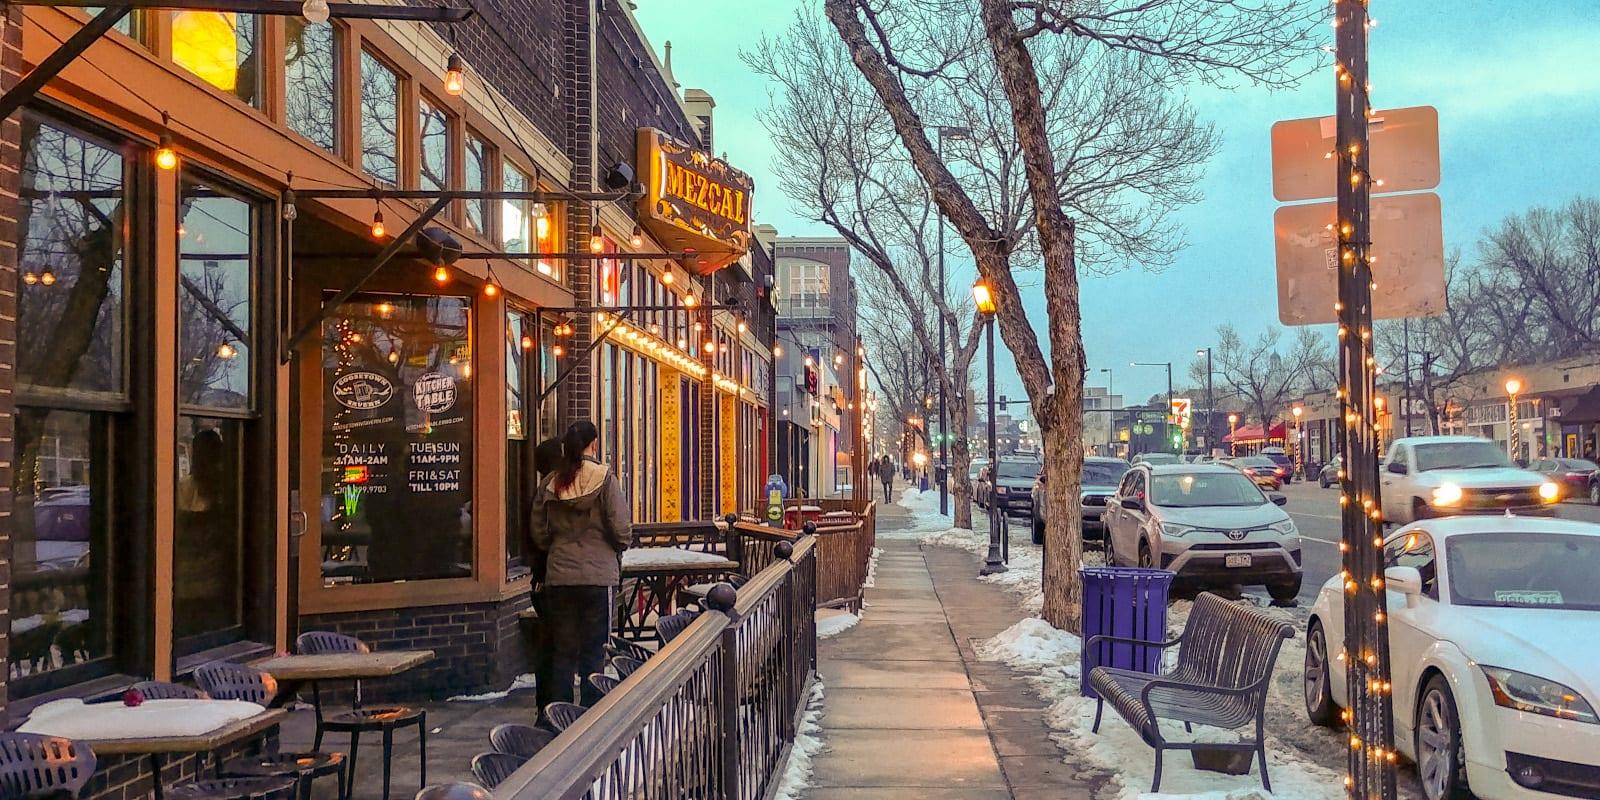 Colfax Avenue in Denver, Colorado